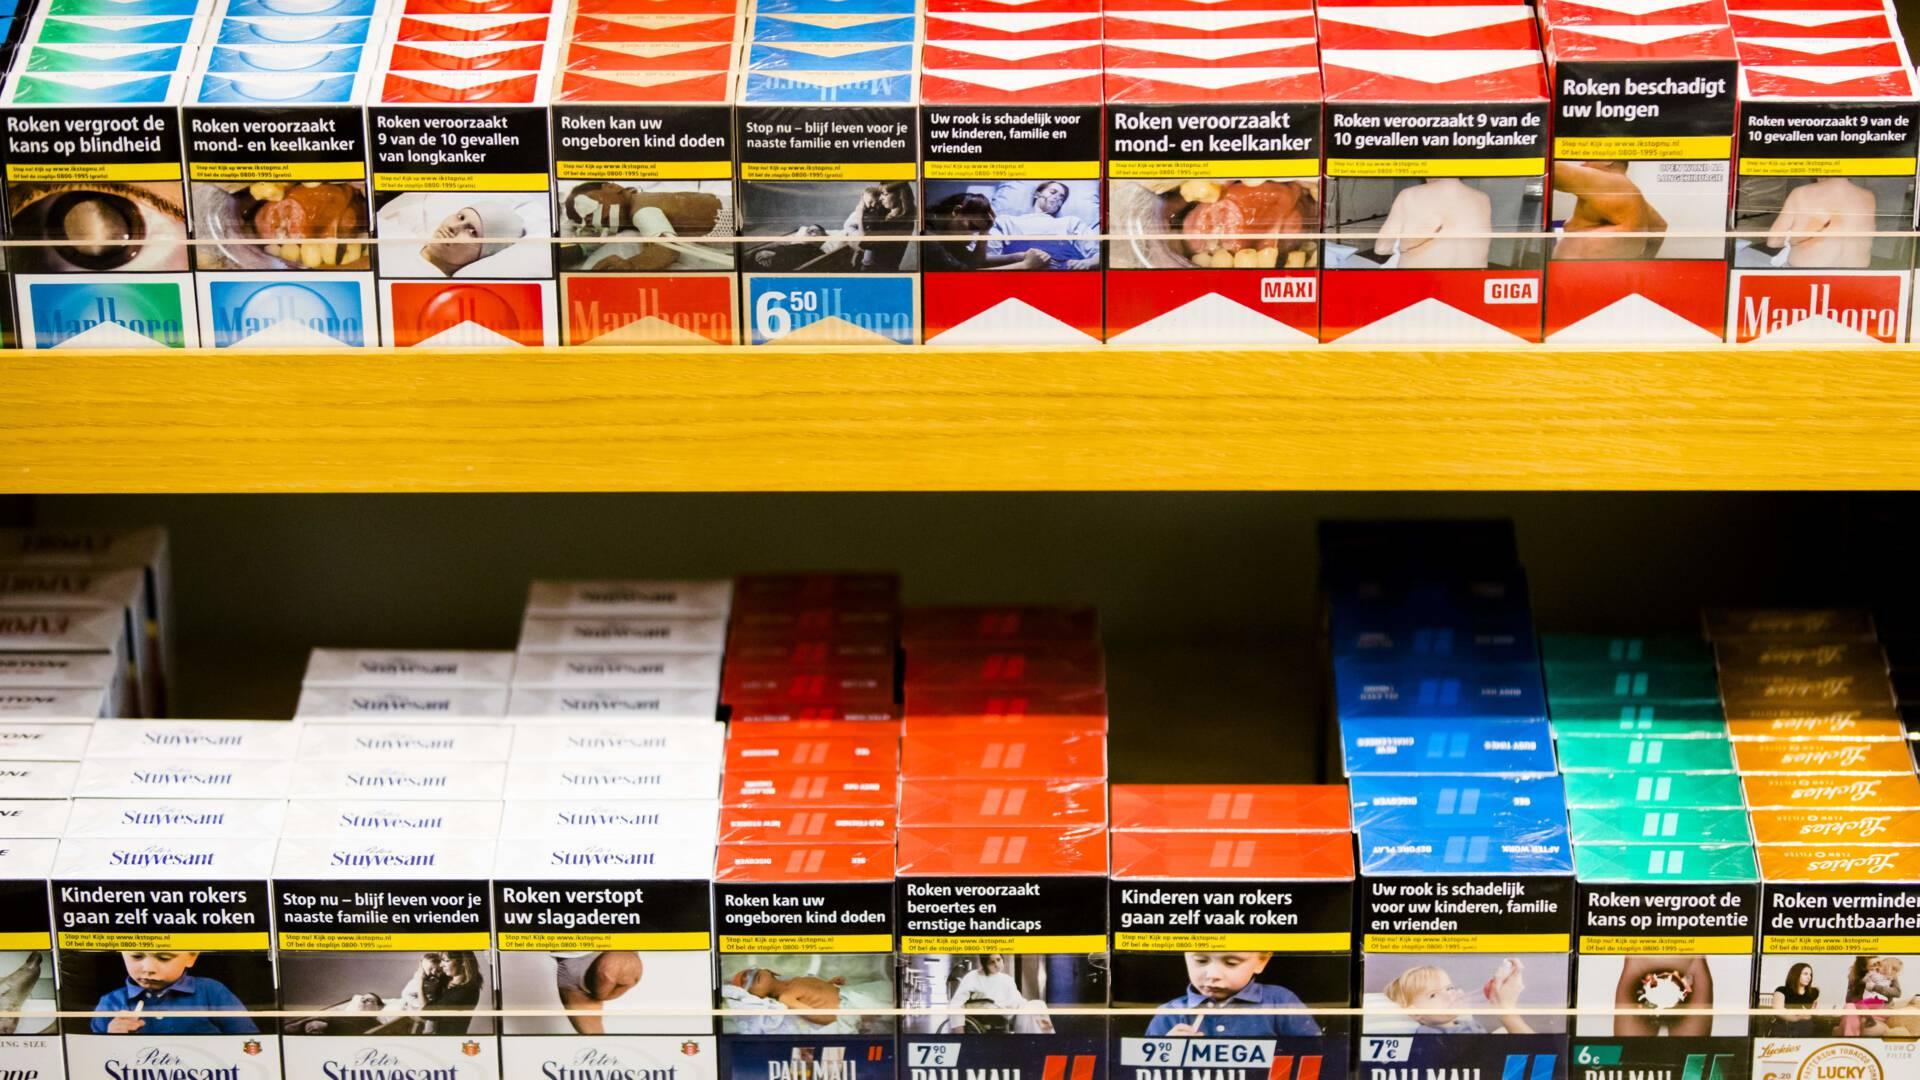 غرامة 82 مليون يورو لشركات تصنيع التبغ بسبب الغش في المنافسة